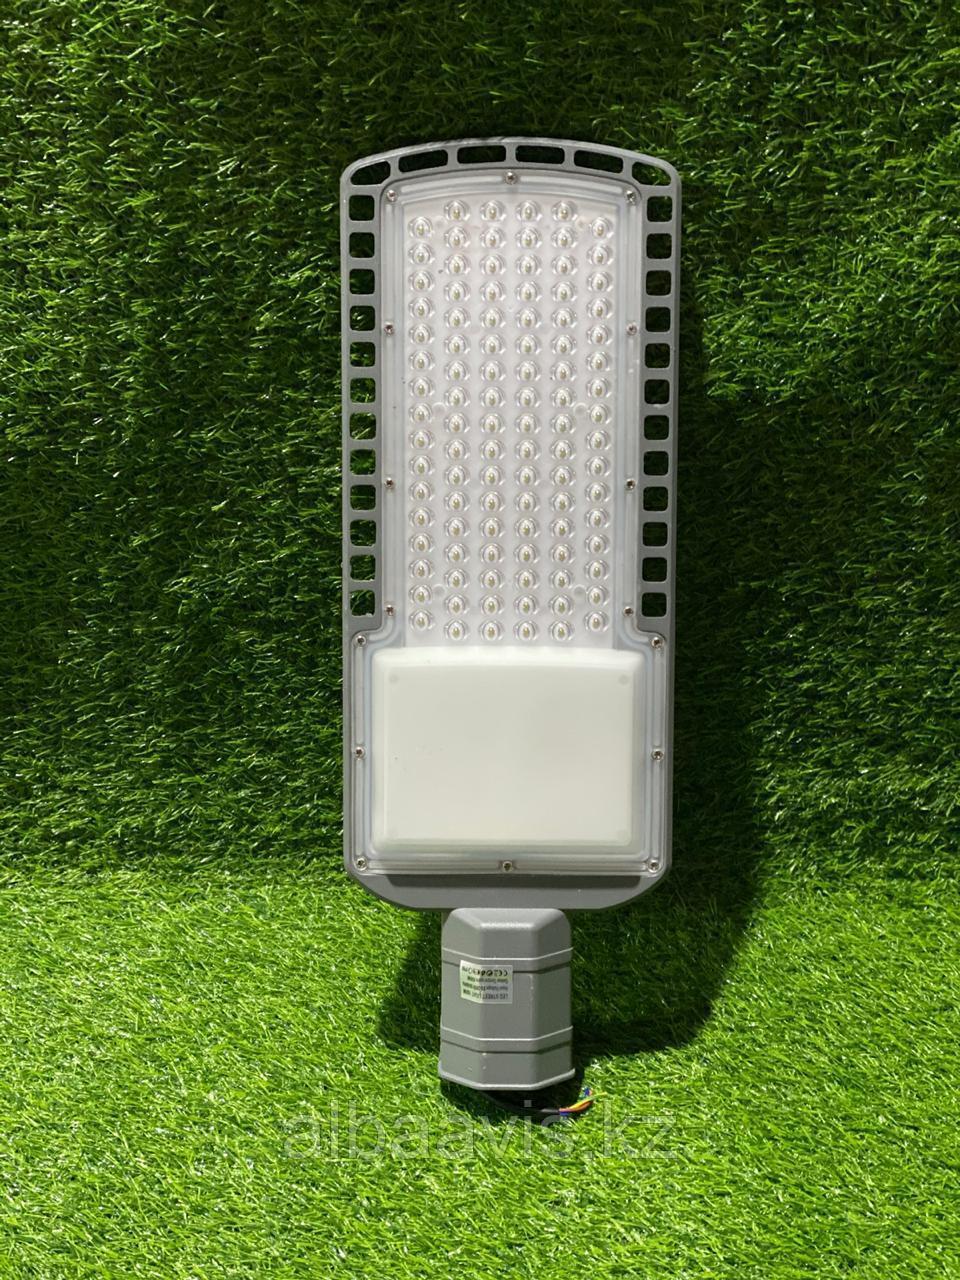 Консольный уличный светодиодный светильник СКУ 200 w Серый или черный корпус. Уличный фонарь LED Кобра